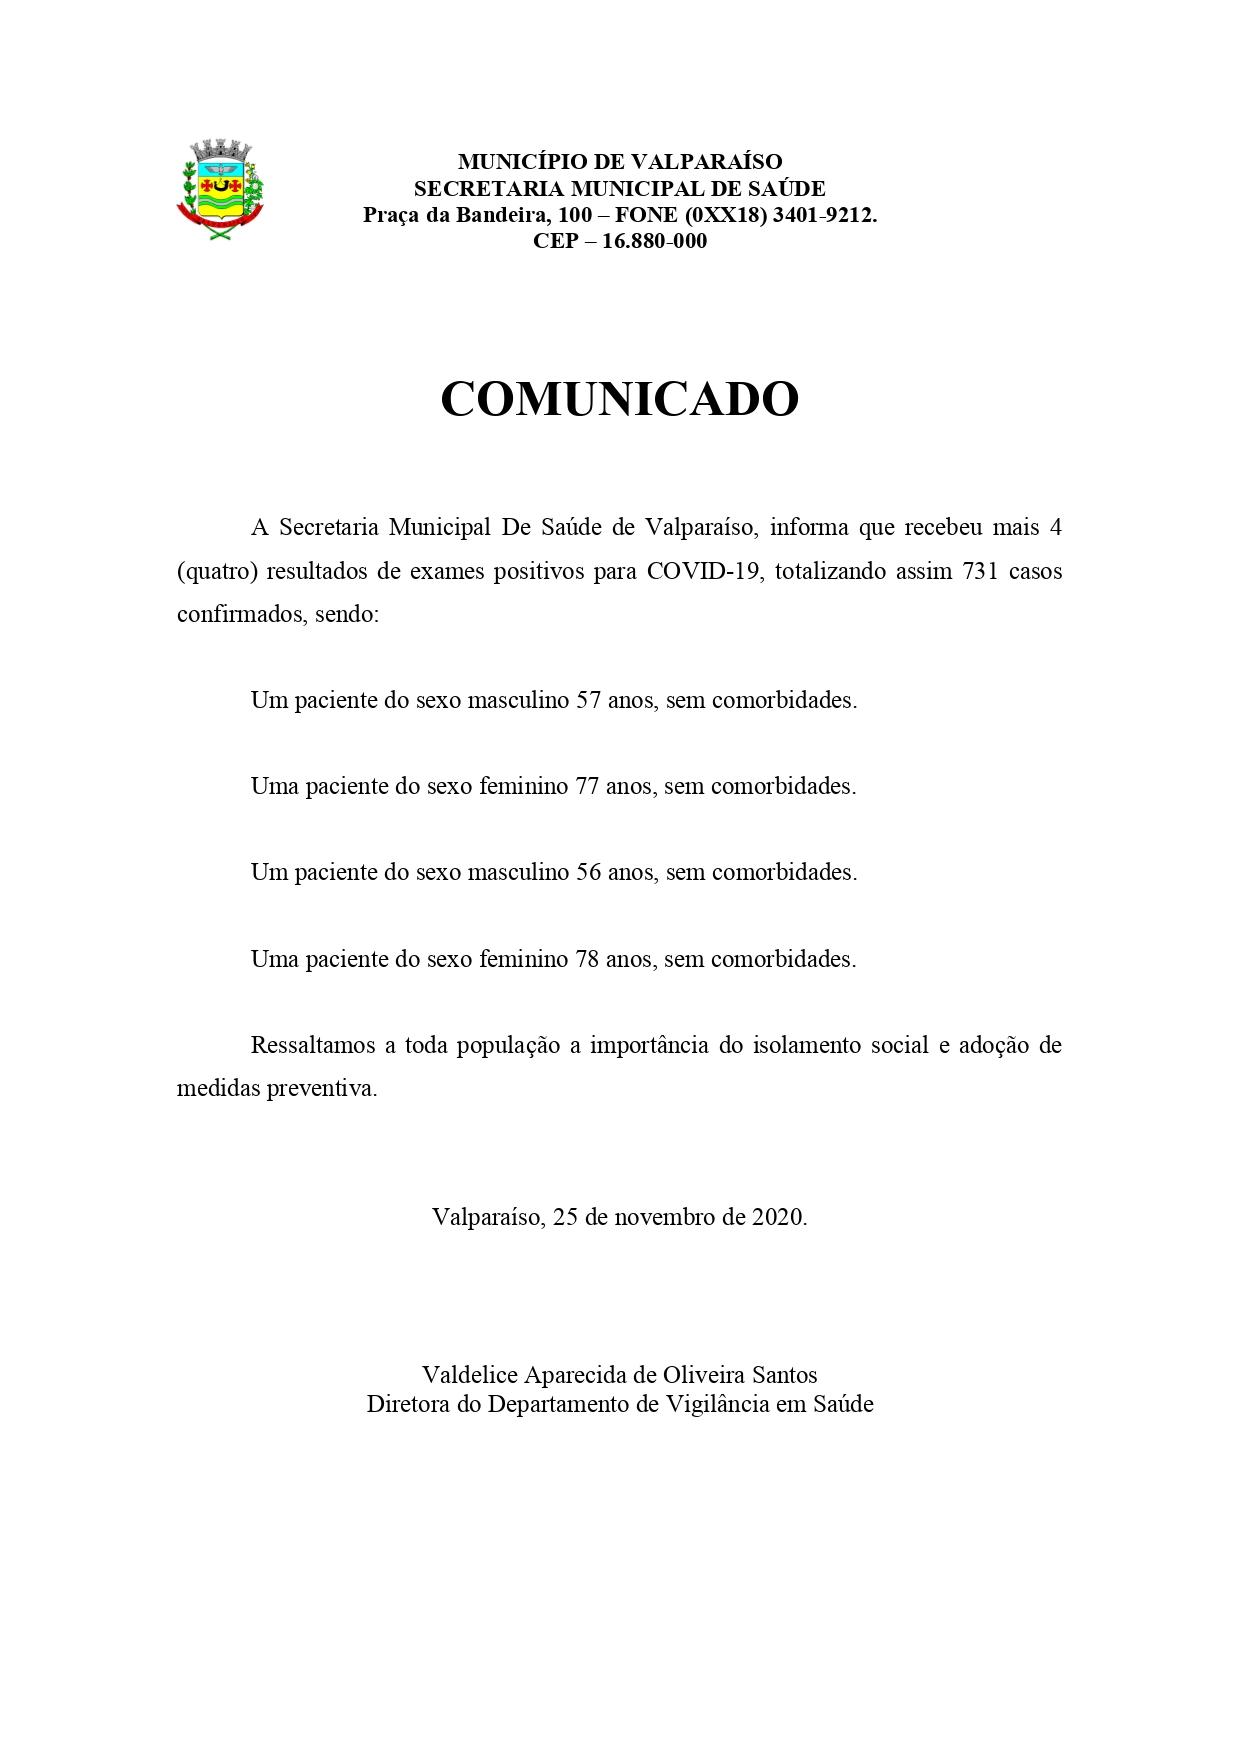 covid731